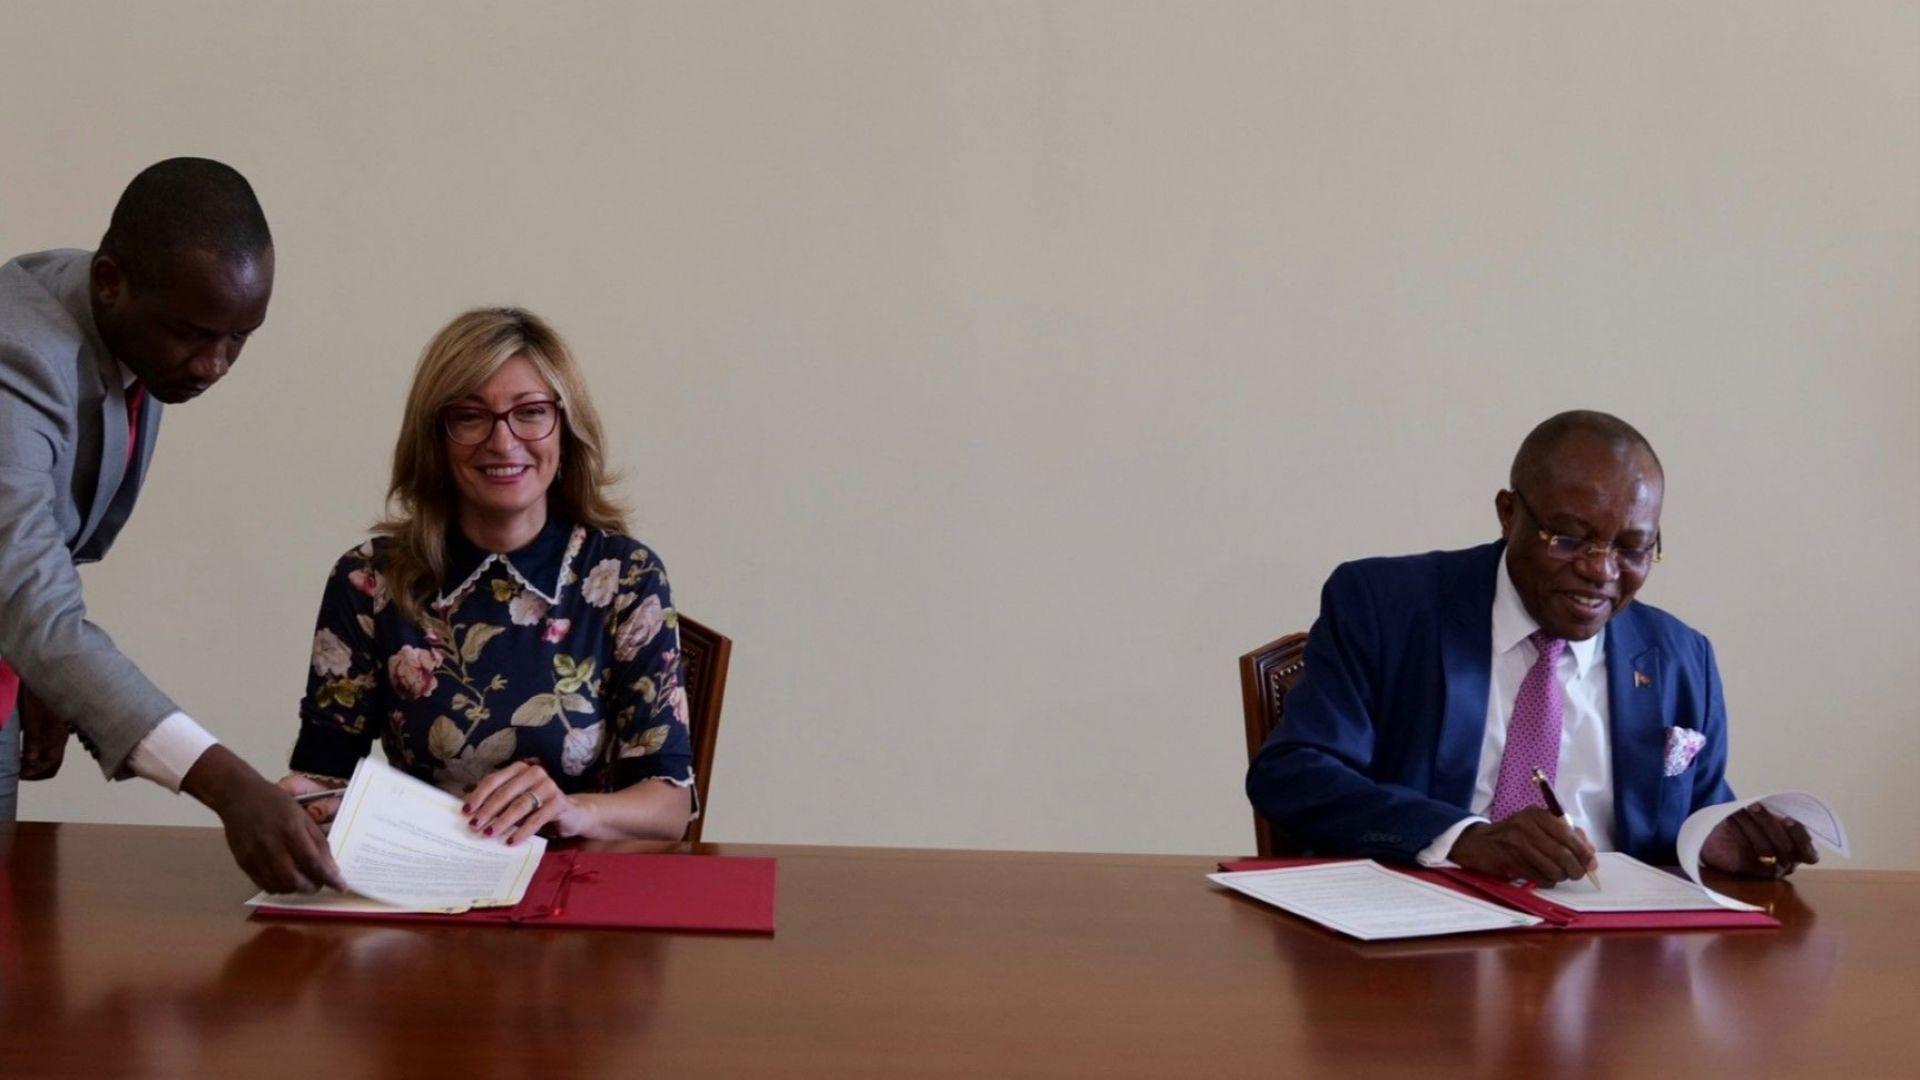 Заместник министър-председателят и министър на външните работи Екатерина Захариева разговаря